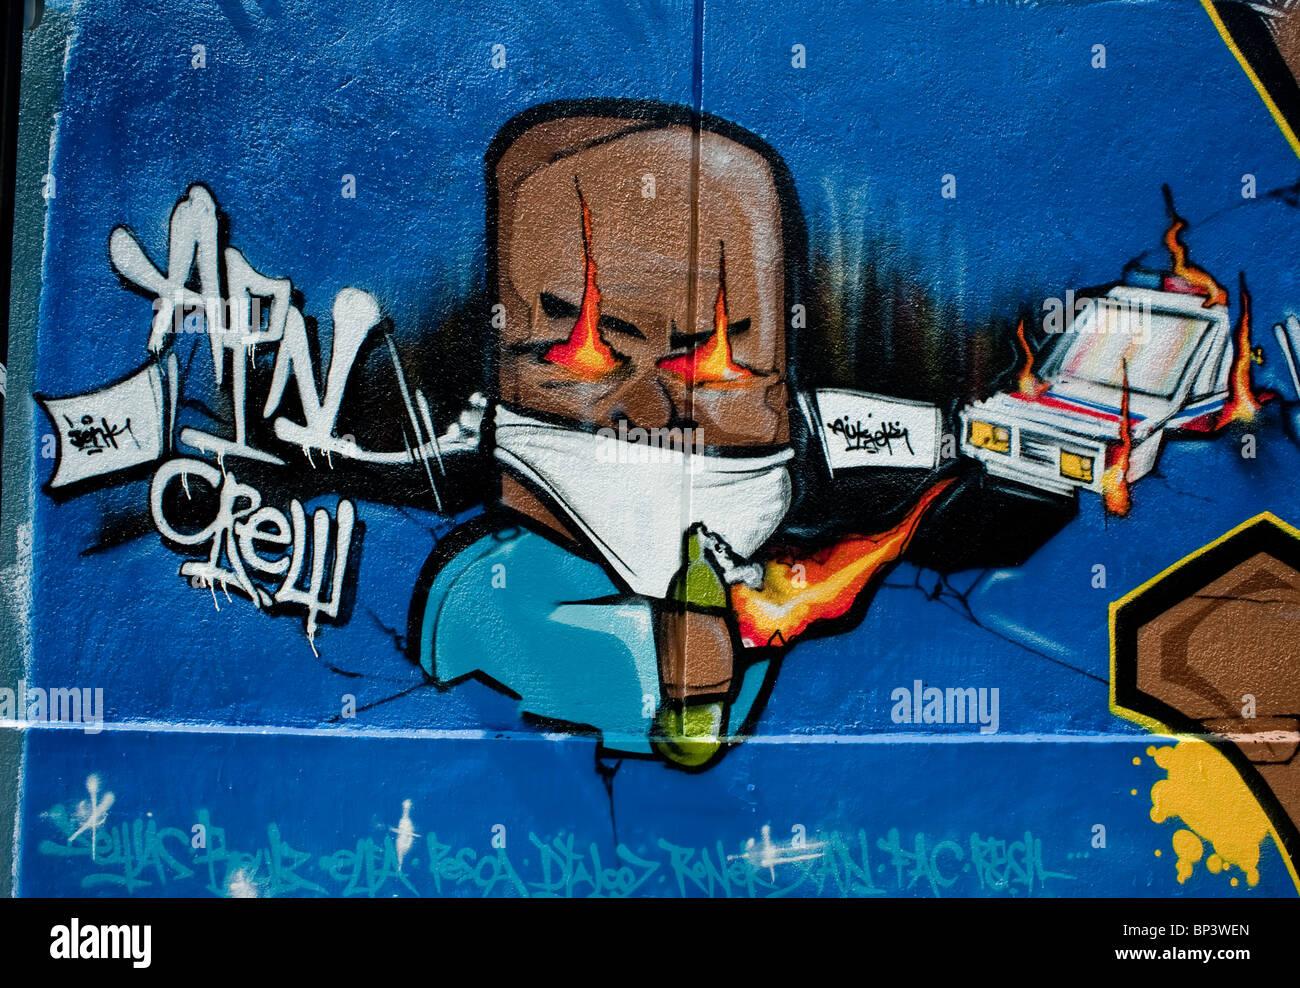 Paris, France, peinture mur avec des bombes de peinture, arts graphiques Graffiti 'Street Art' Photo Stock